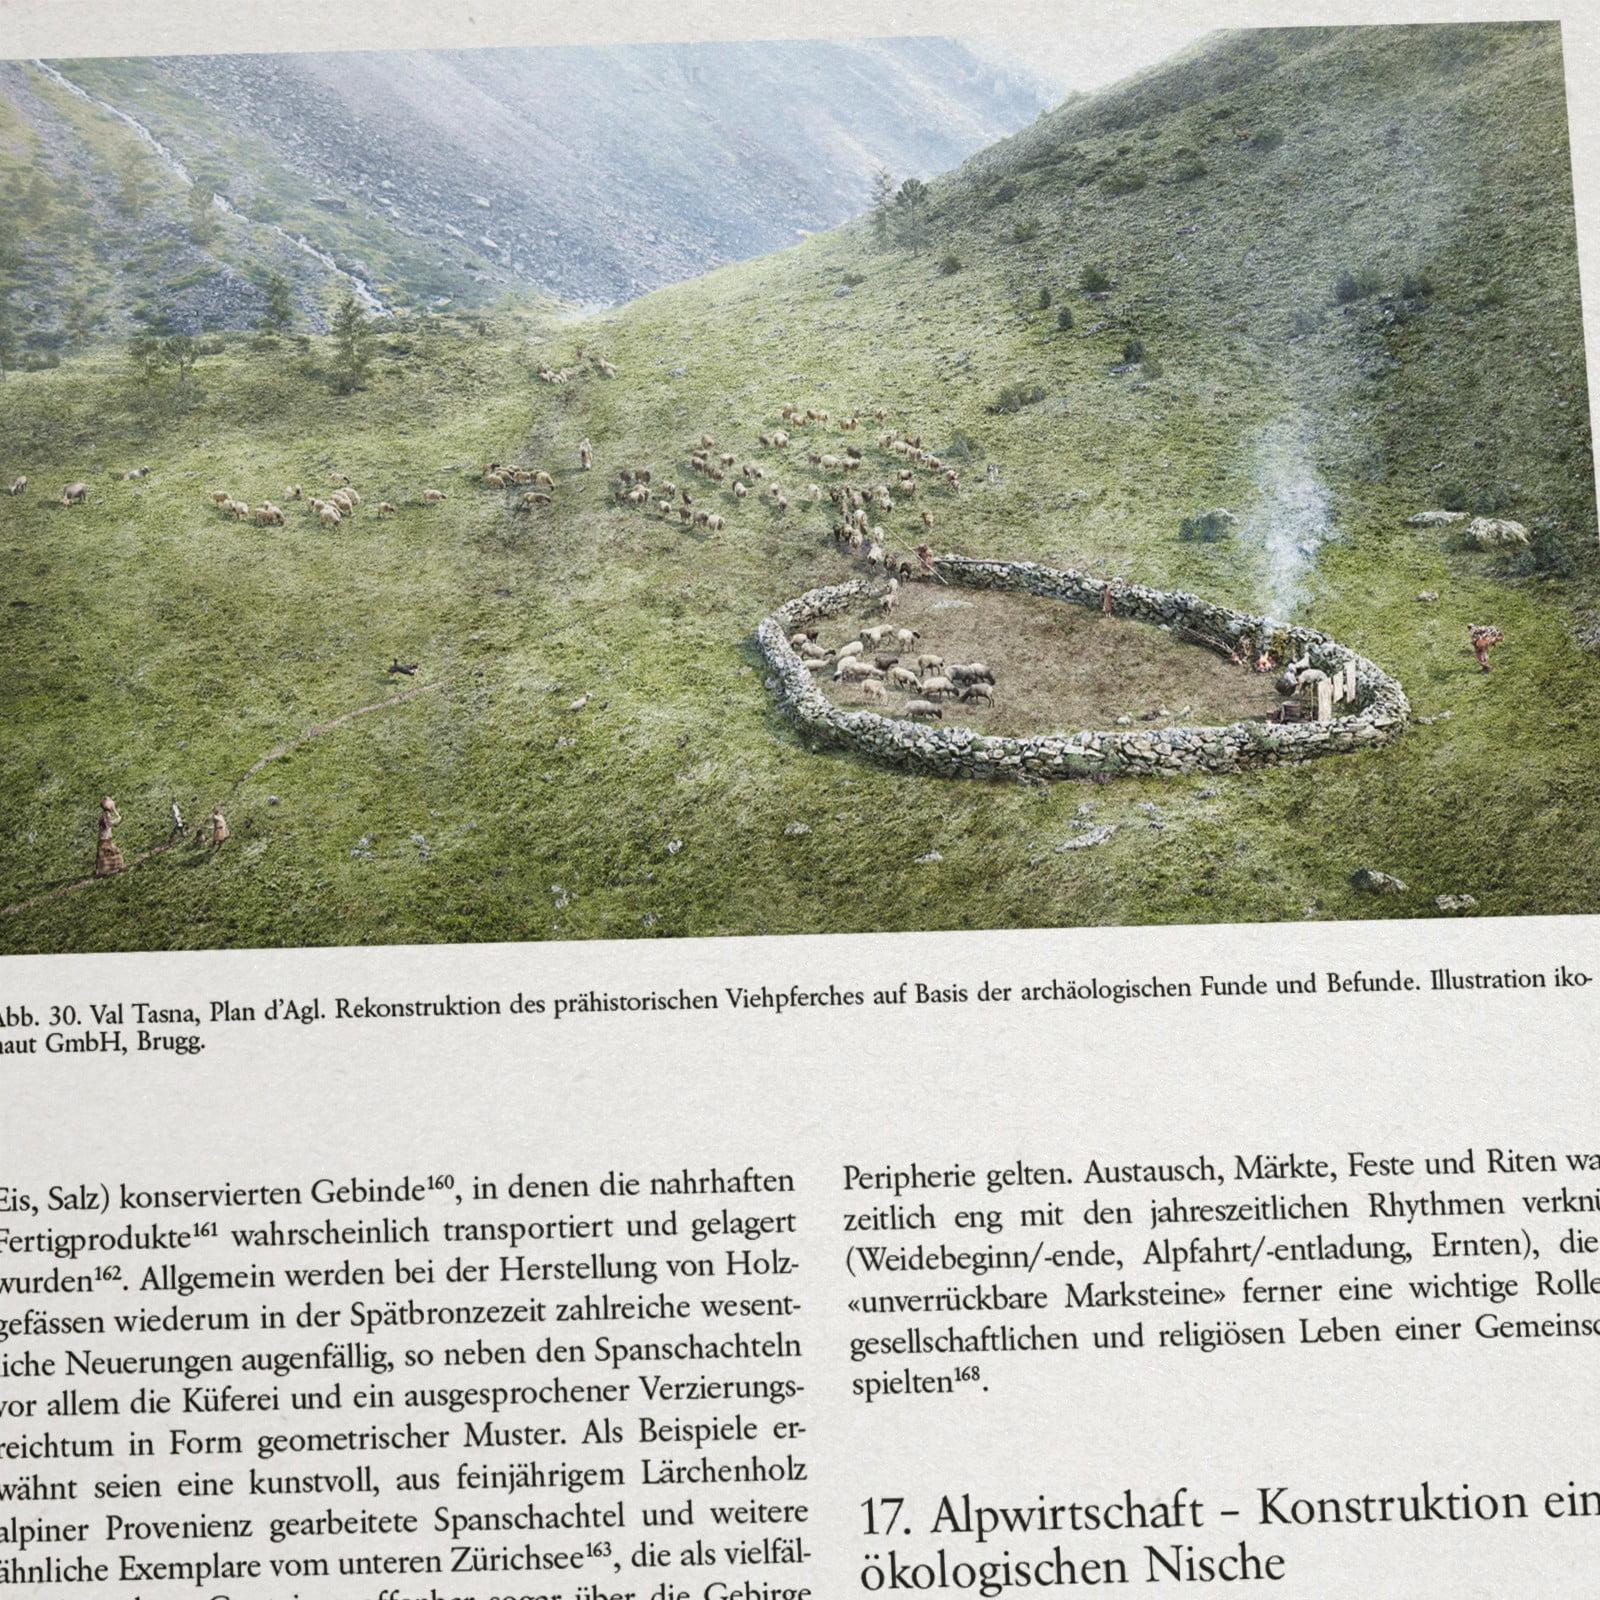 Praehistorische Alpwirtschaft 03, ikonaut